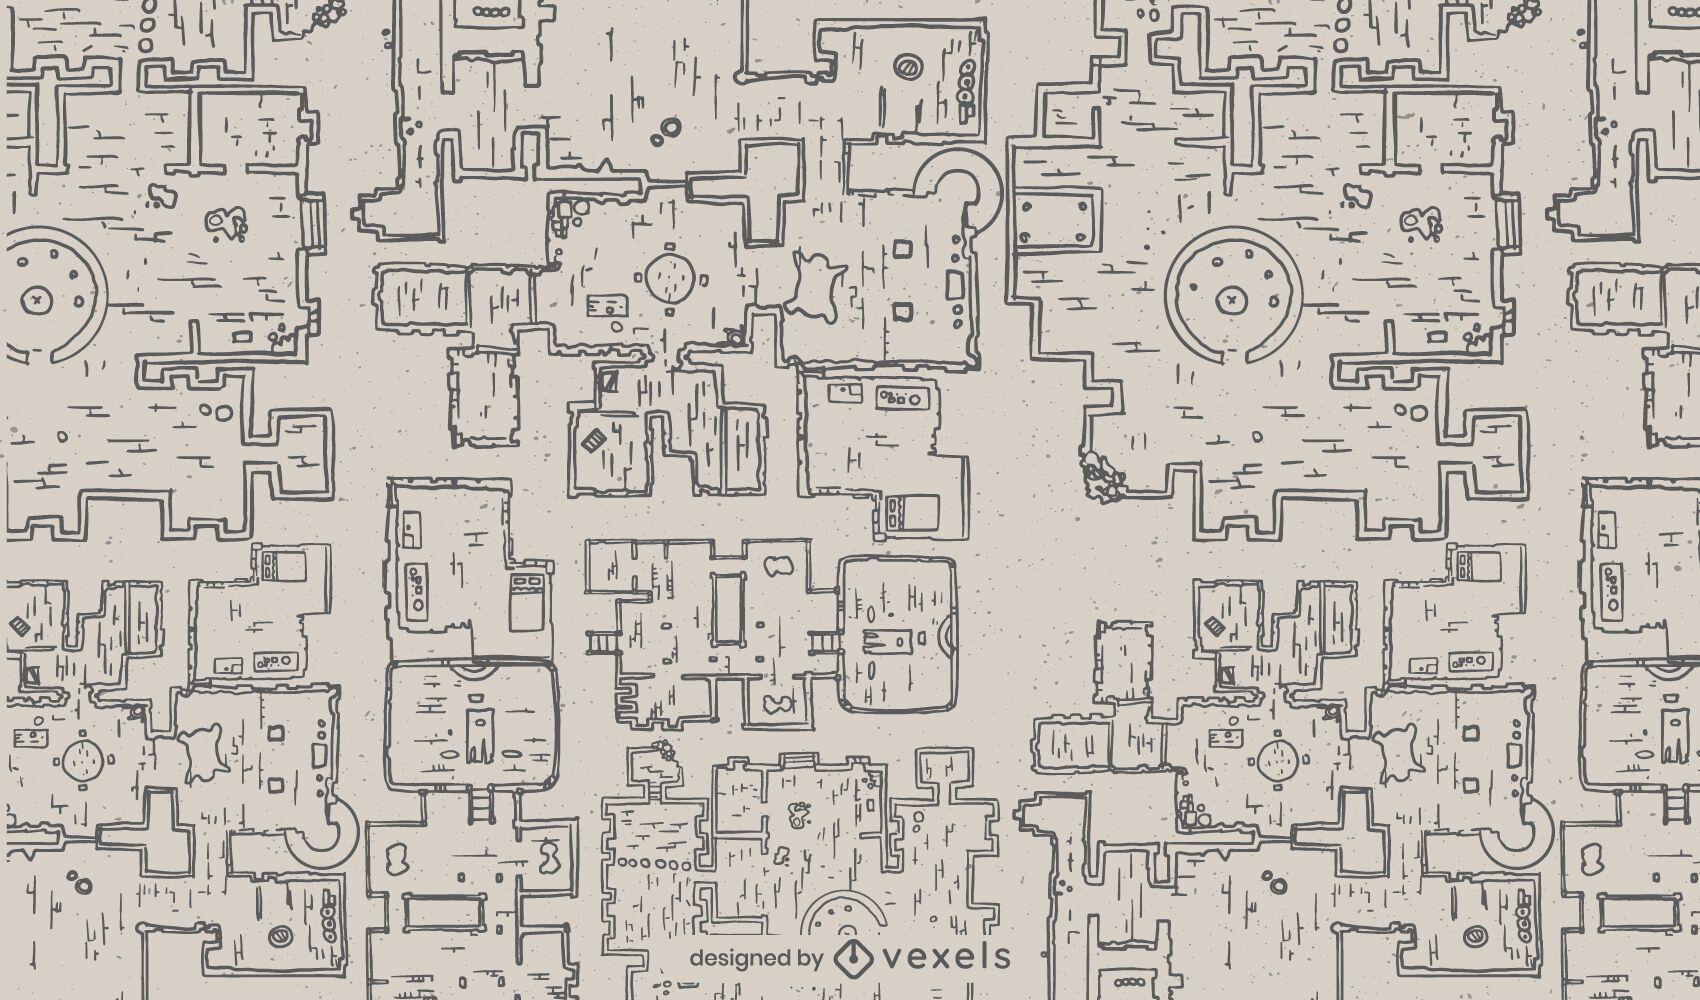 Padrão de mapa de arquitetura de masmorras fantásticas